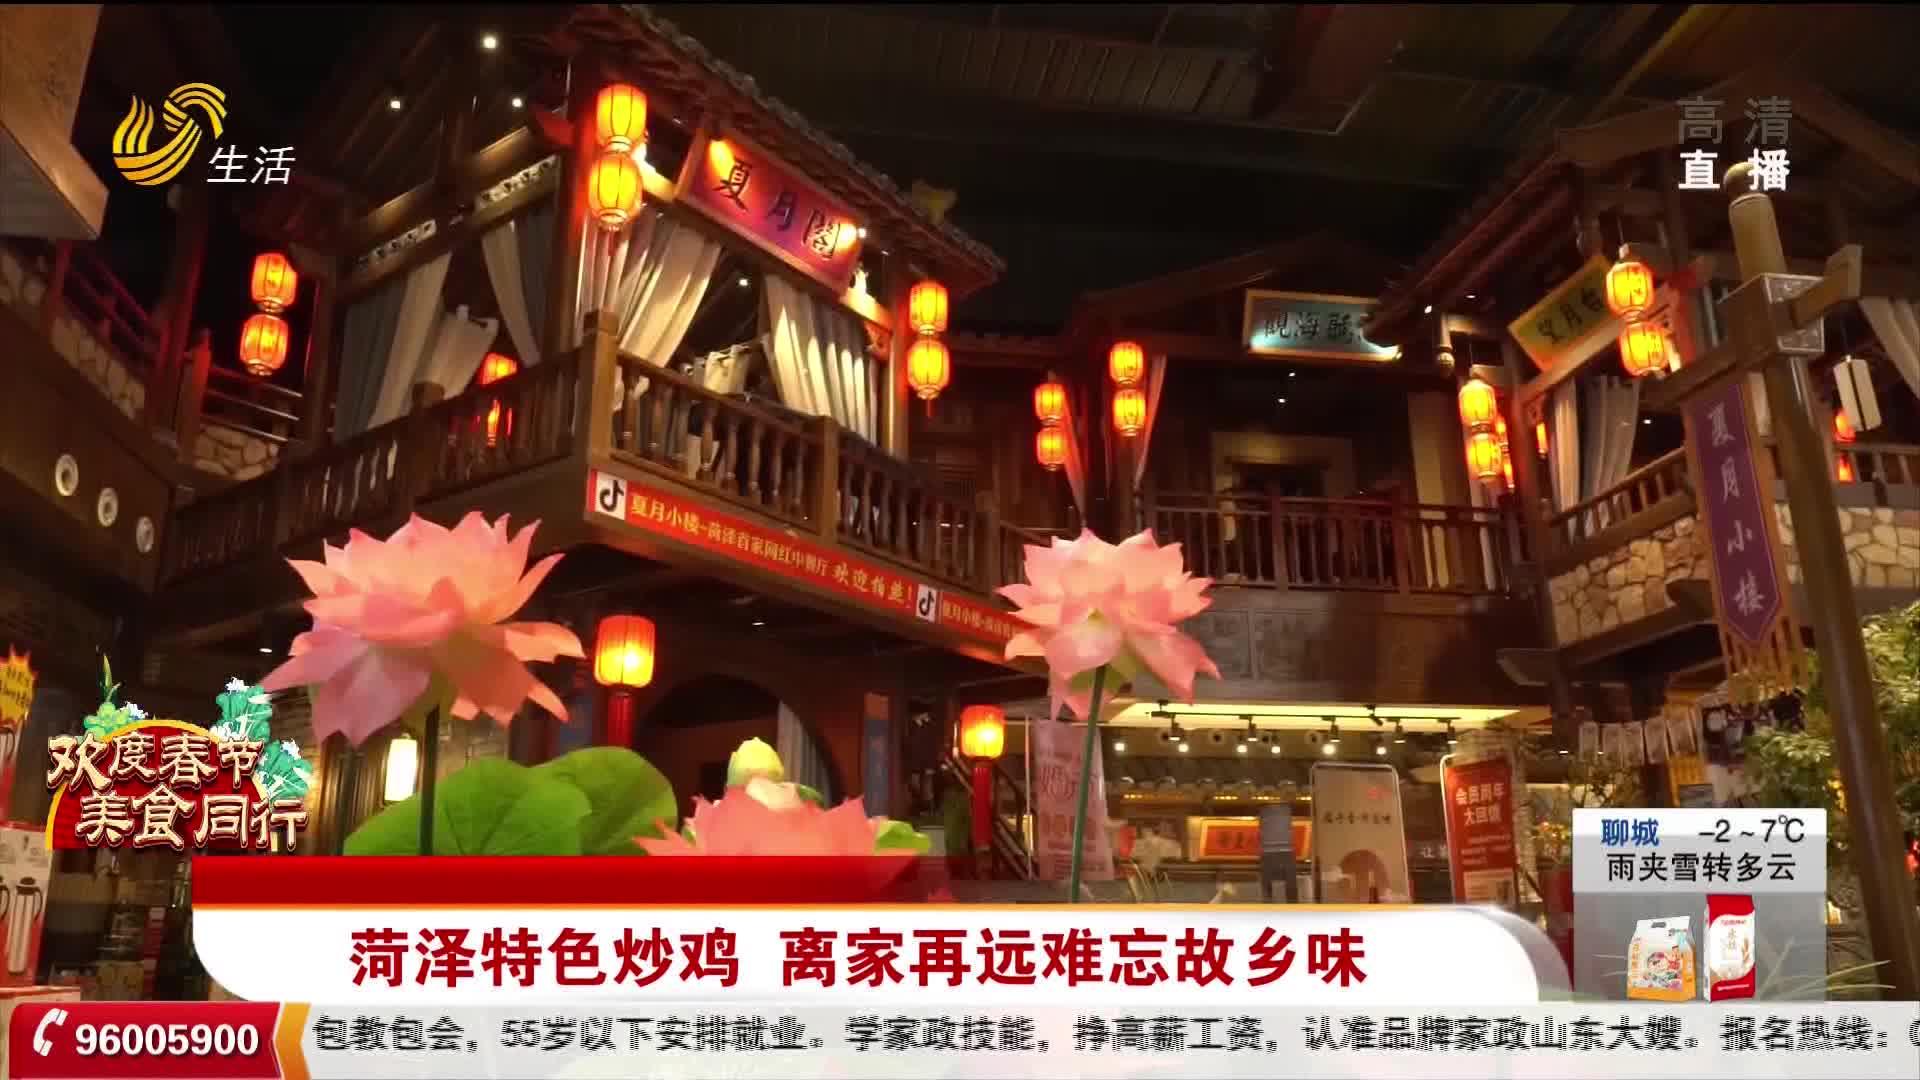 【欢度春节 美食同行】菏泽特色炒鸡 离家再远难忘故乡味